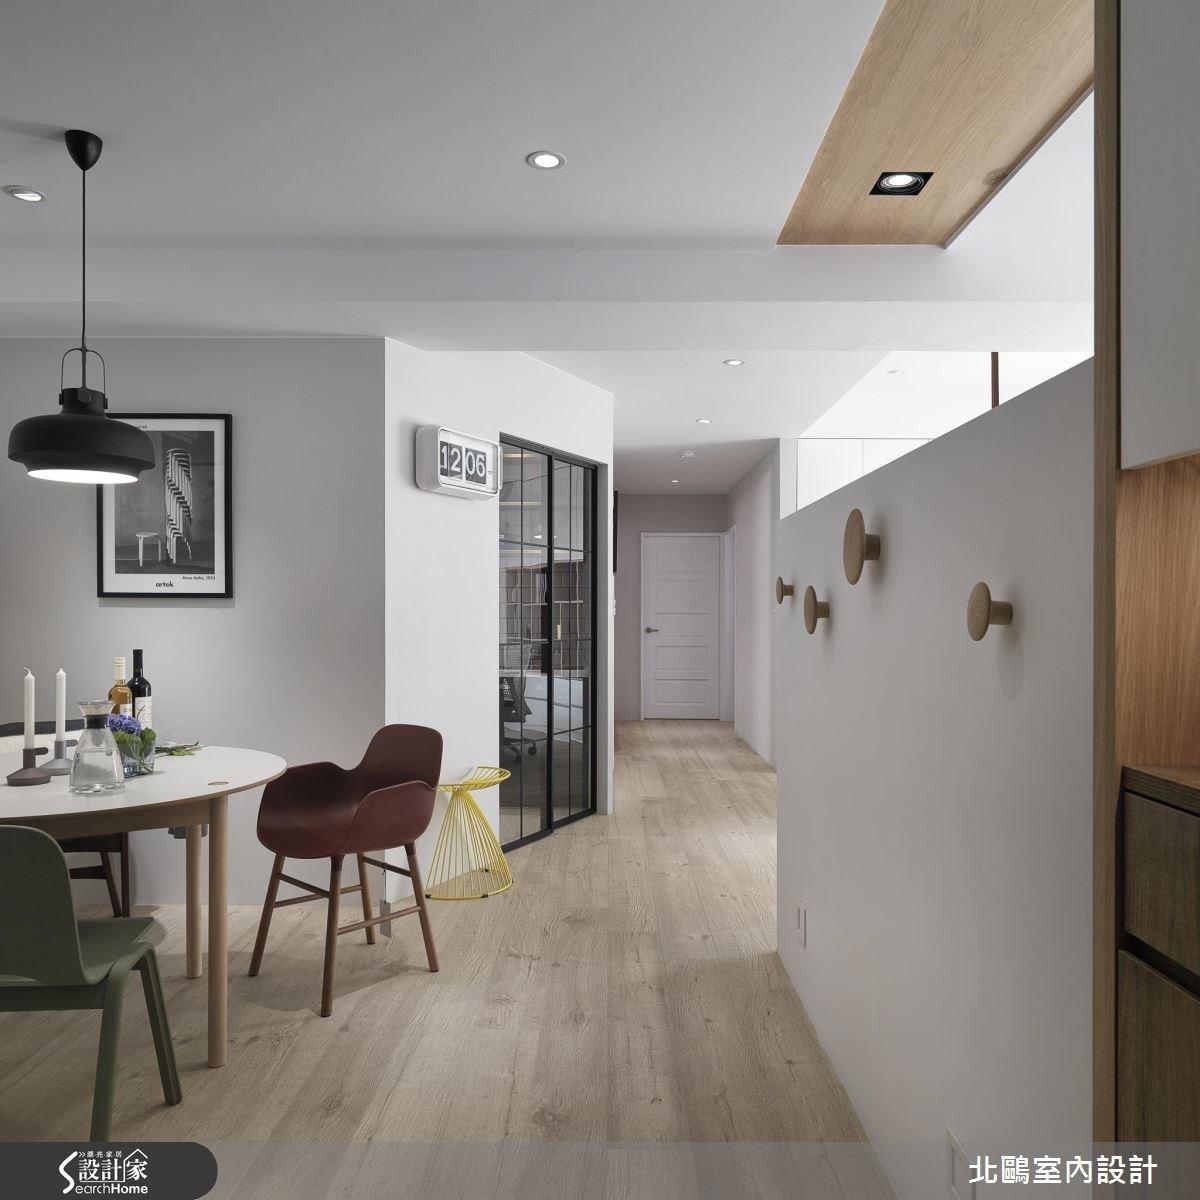 30坪新成屋(5年以下)_北歐風餐廳案例圖片_北鷗室內設計_北鷗_16之2